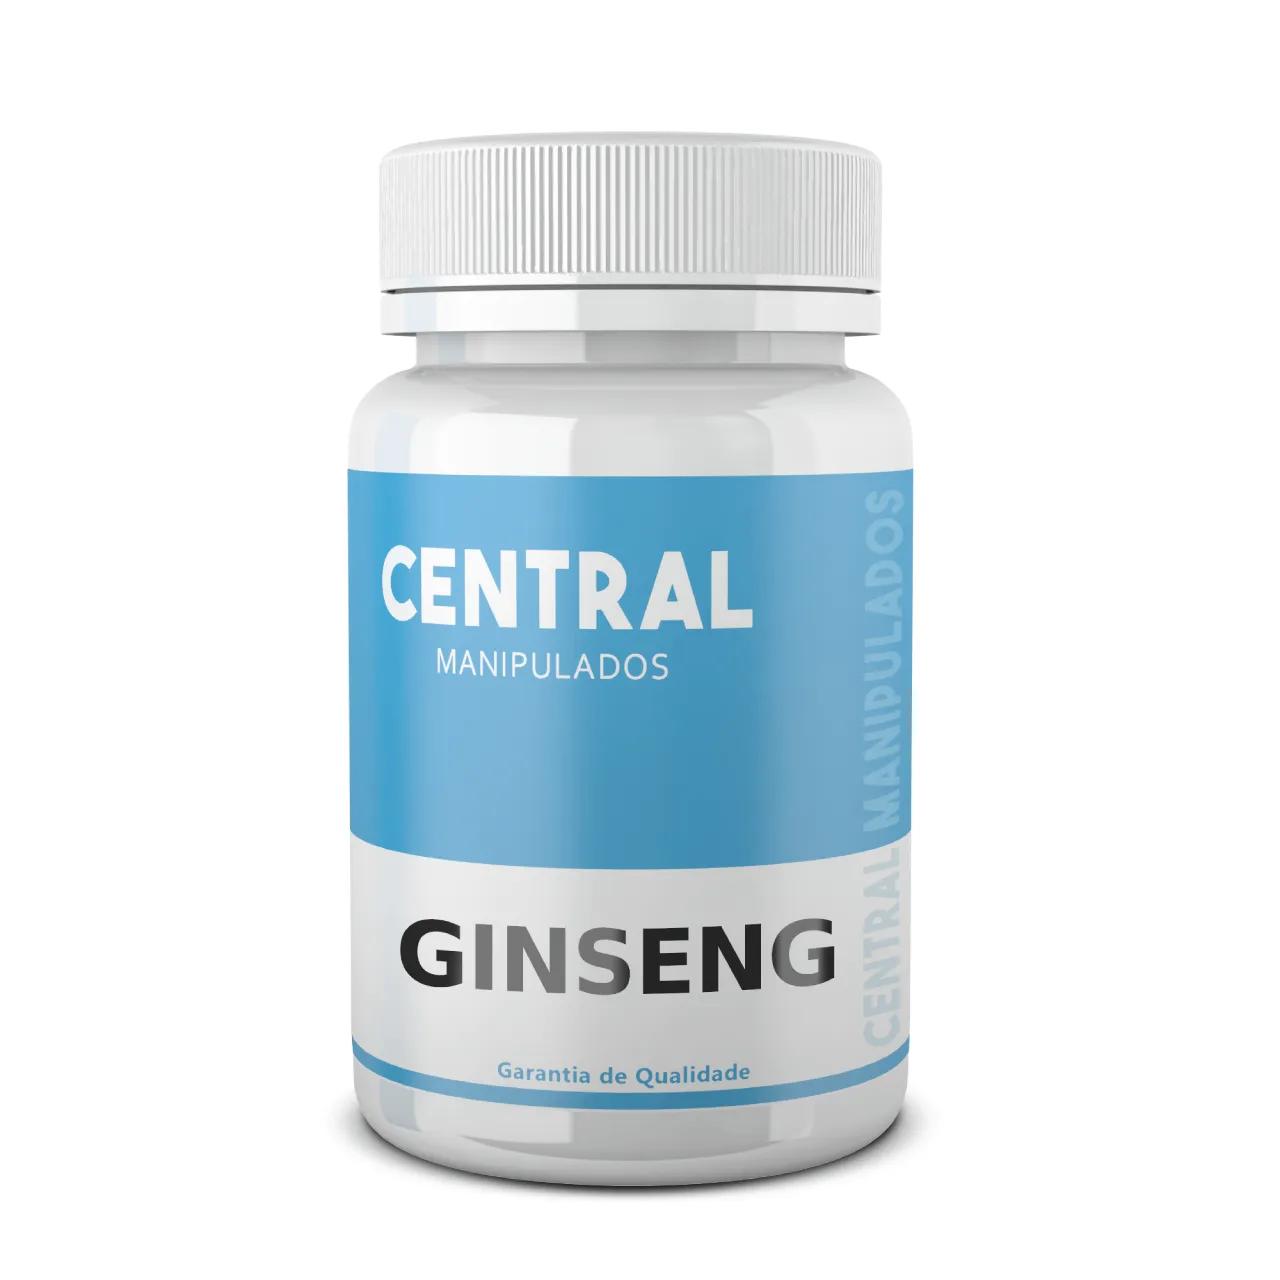 Ginseng 300mg - 60 cápsulas - Melhora o Esgotamento físico e mental e alivia Stress